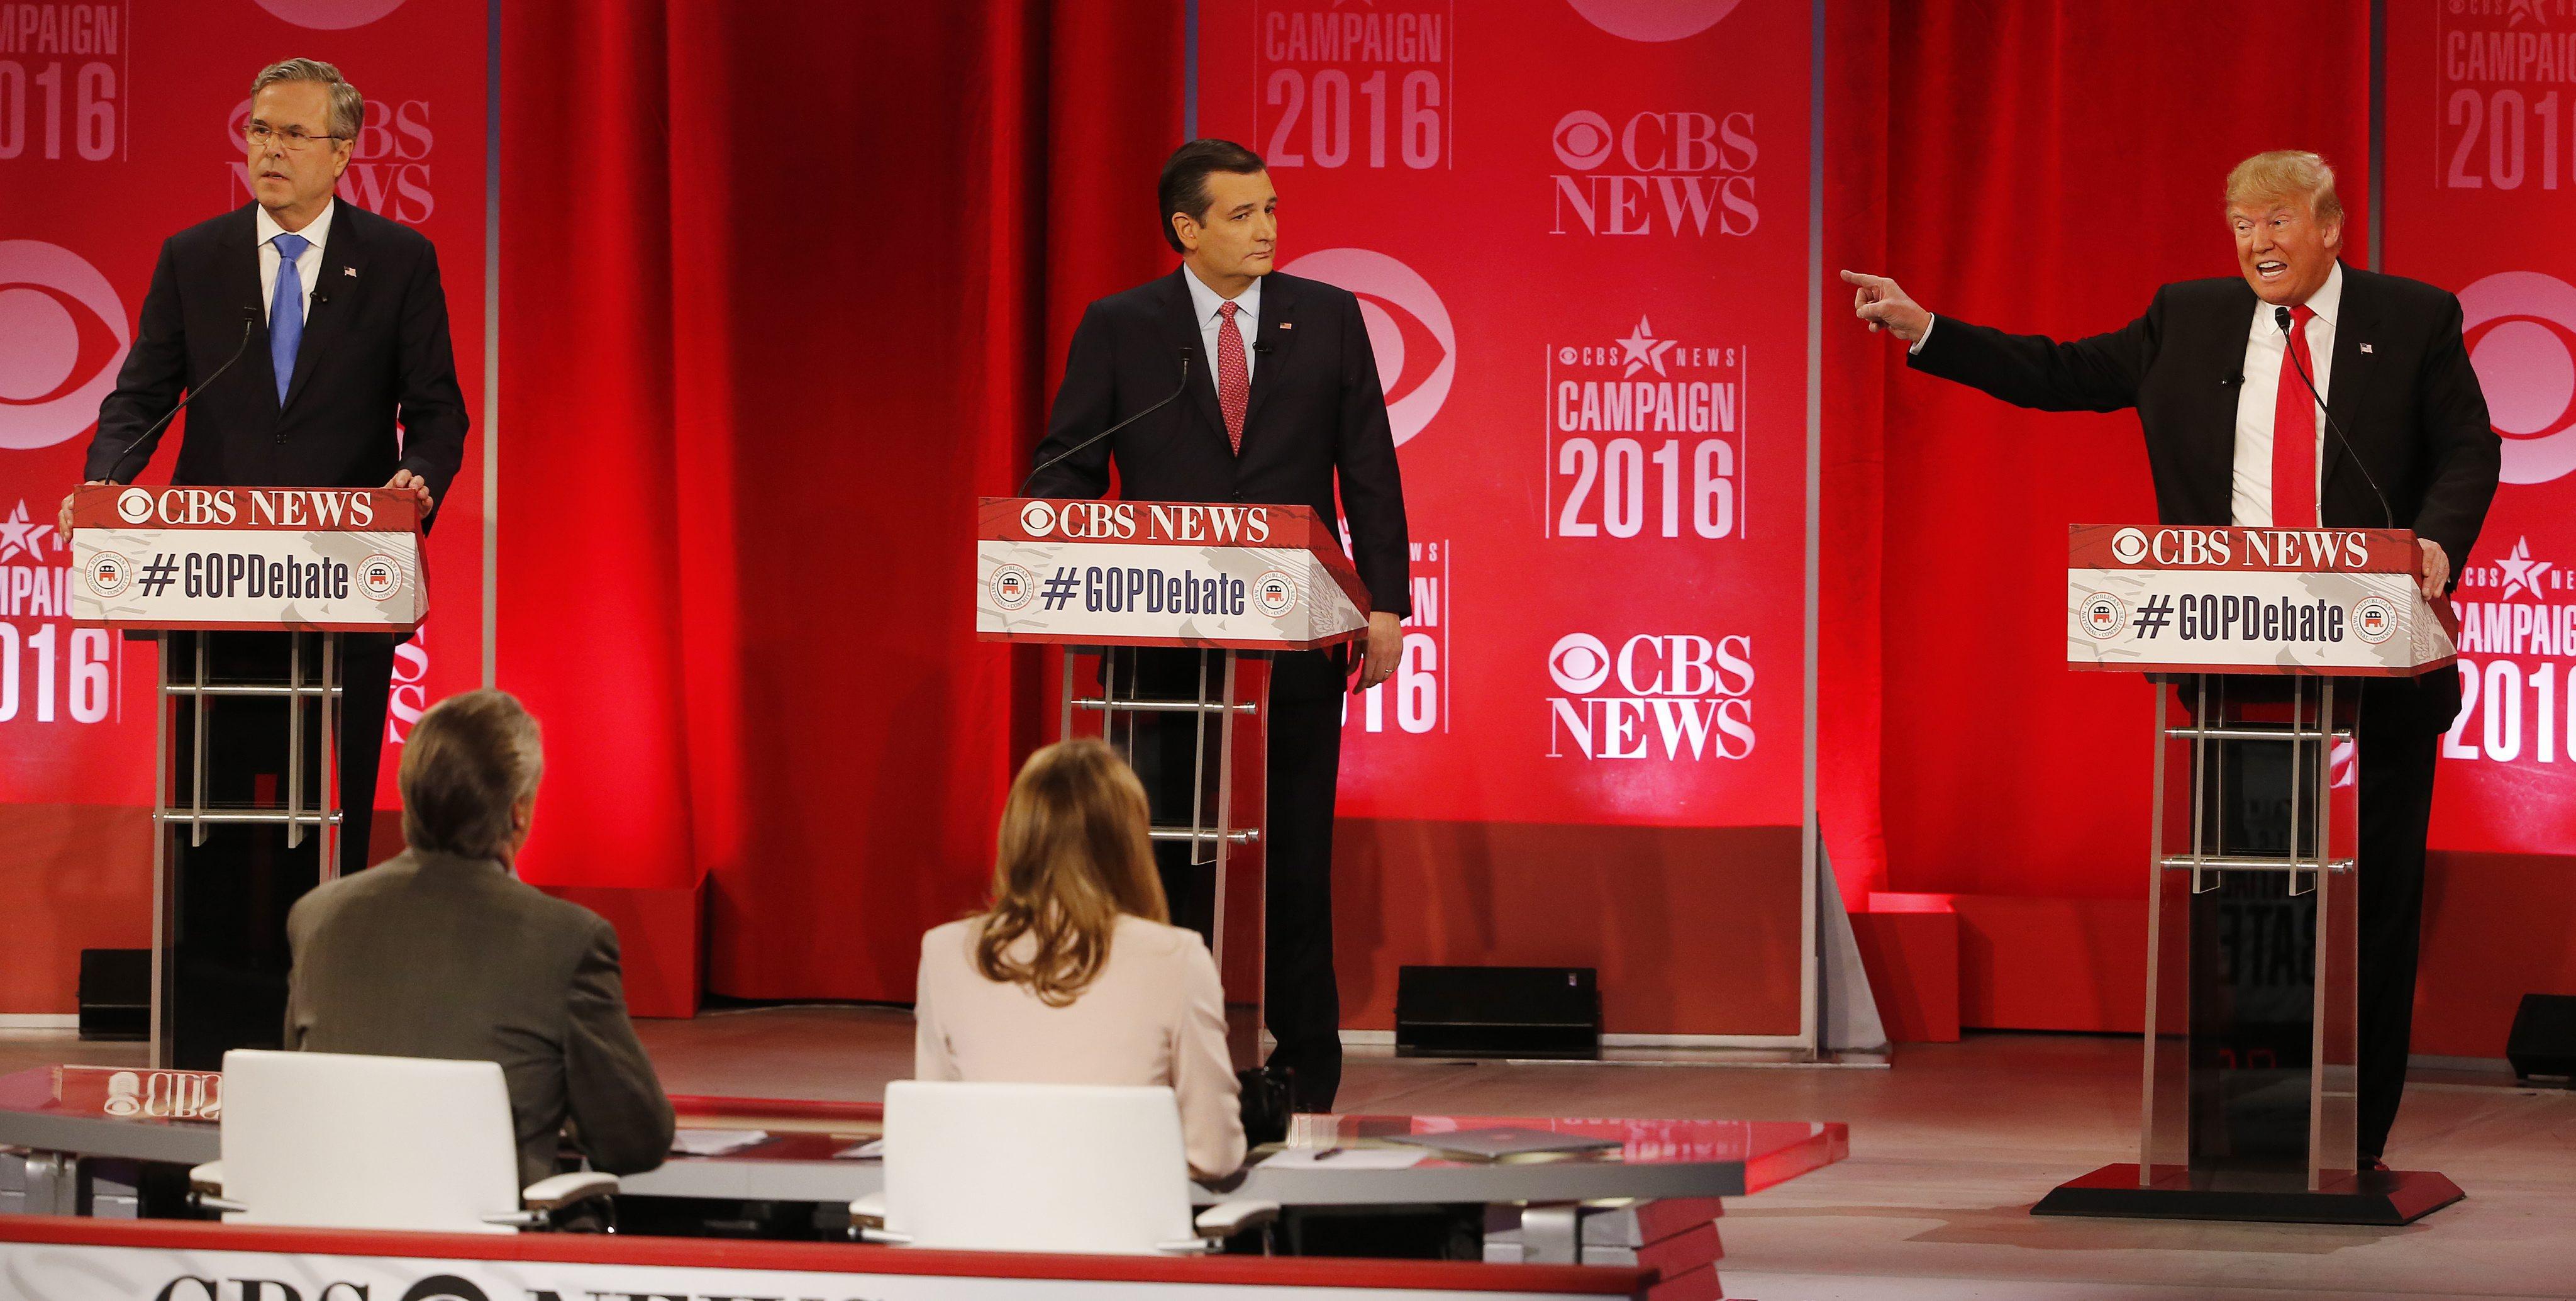 VIDEO: Discusión explosiva sobre inmigración en debate republicano